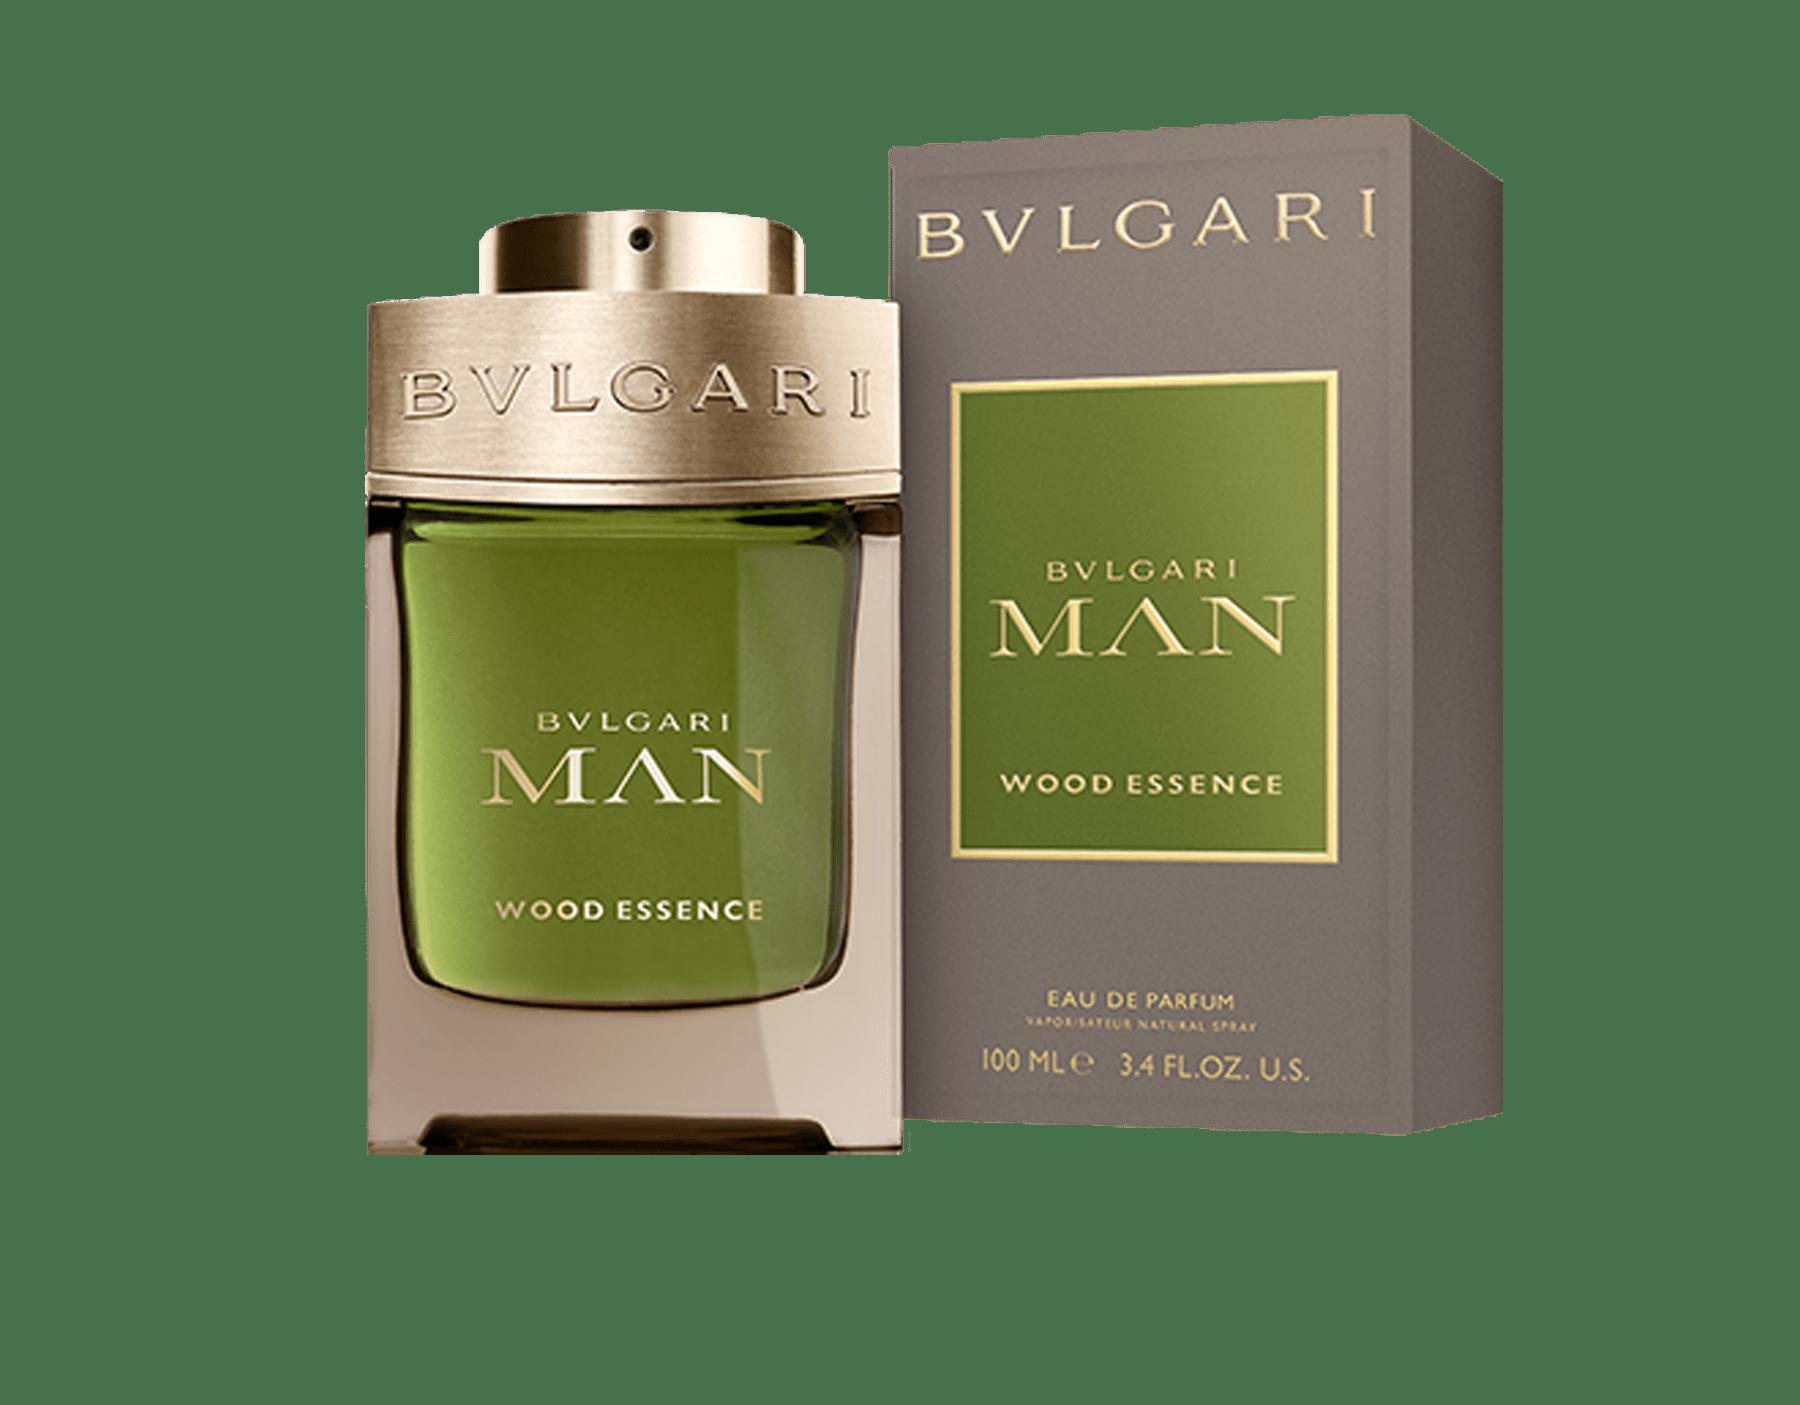 採用上等香料新木質香氛,包括香柏、柏木和香根草,並與溫暖和煦的安息香脂產生共鳴。 46100 image 3